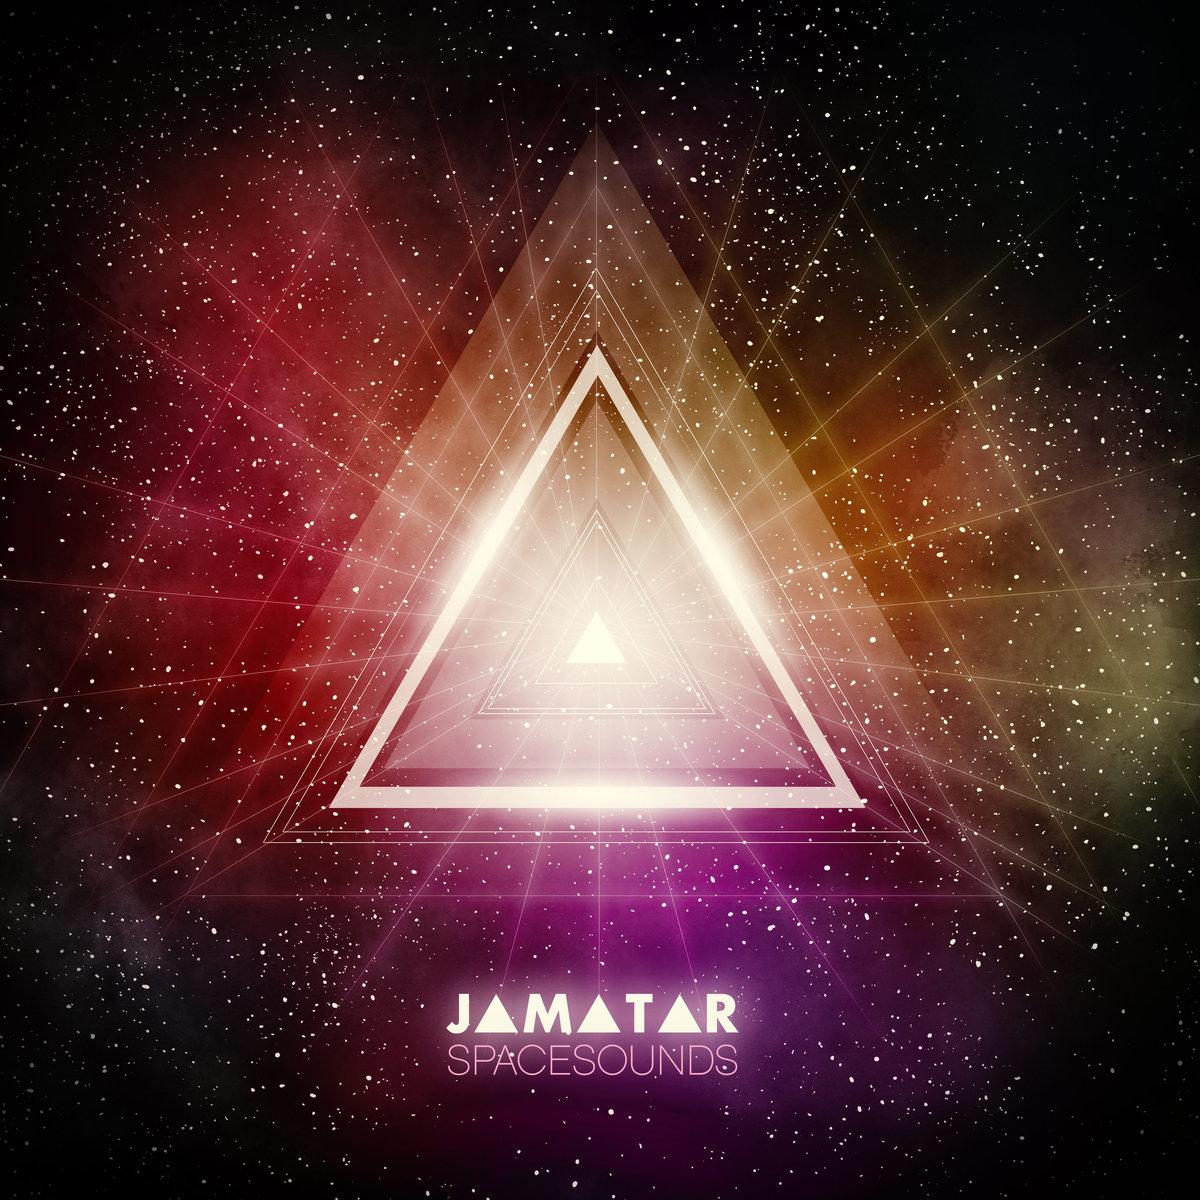 jamatar